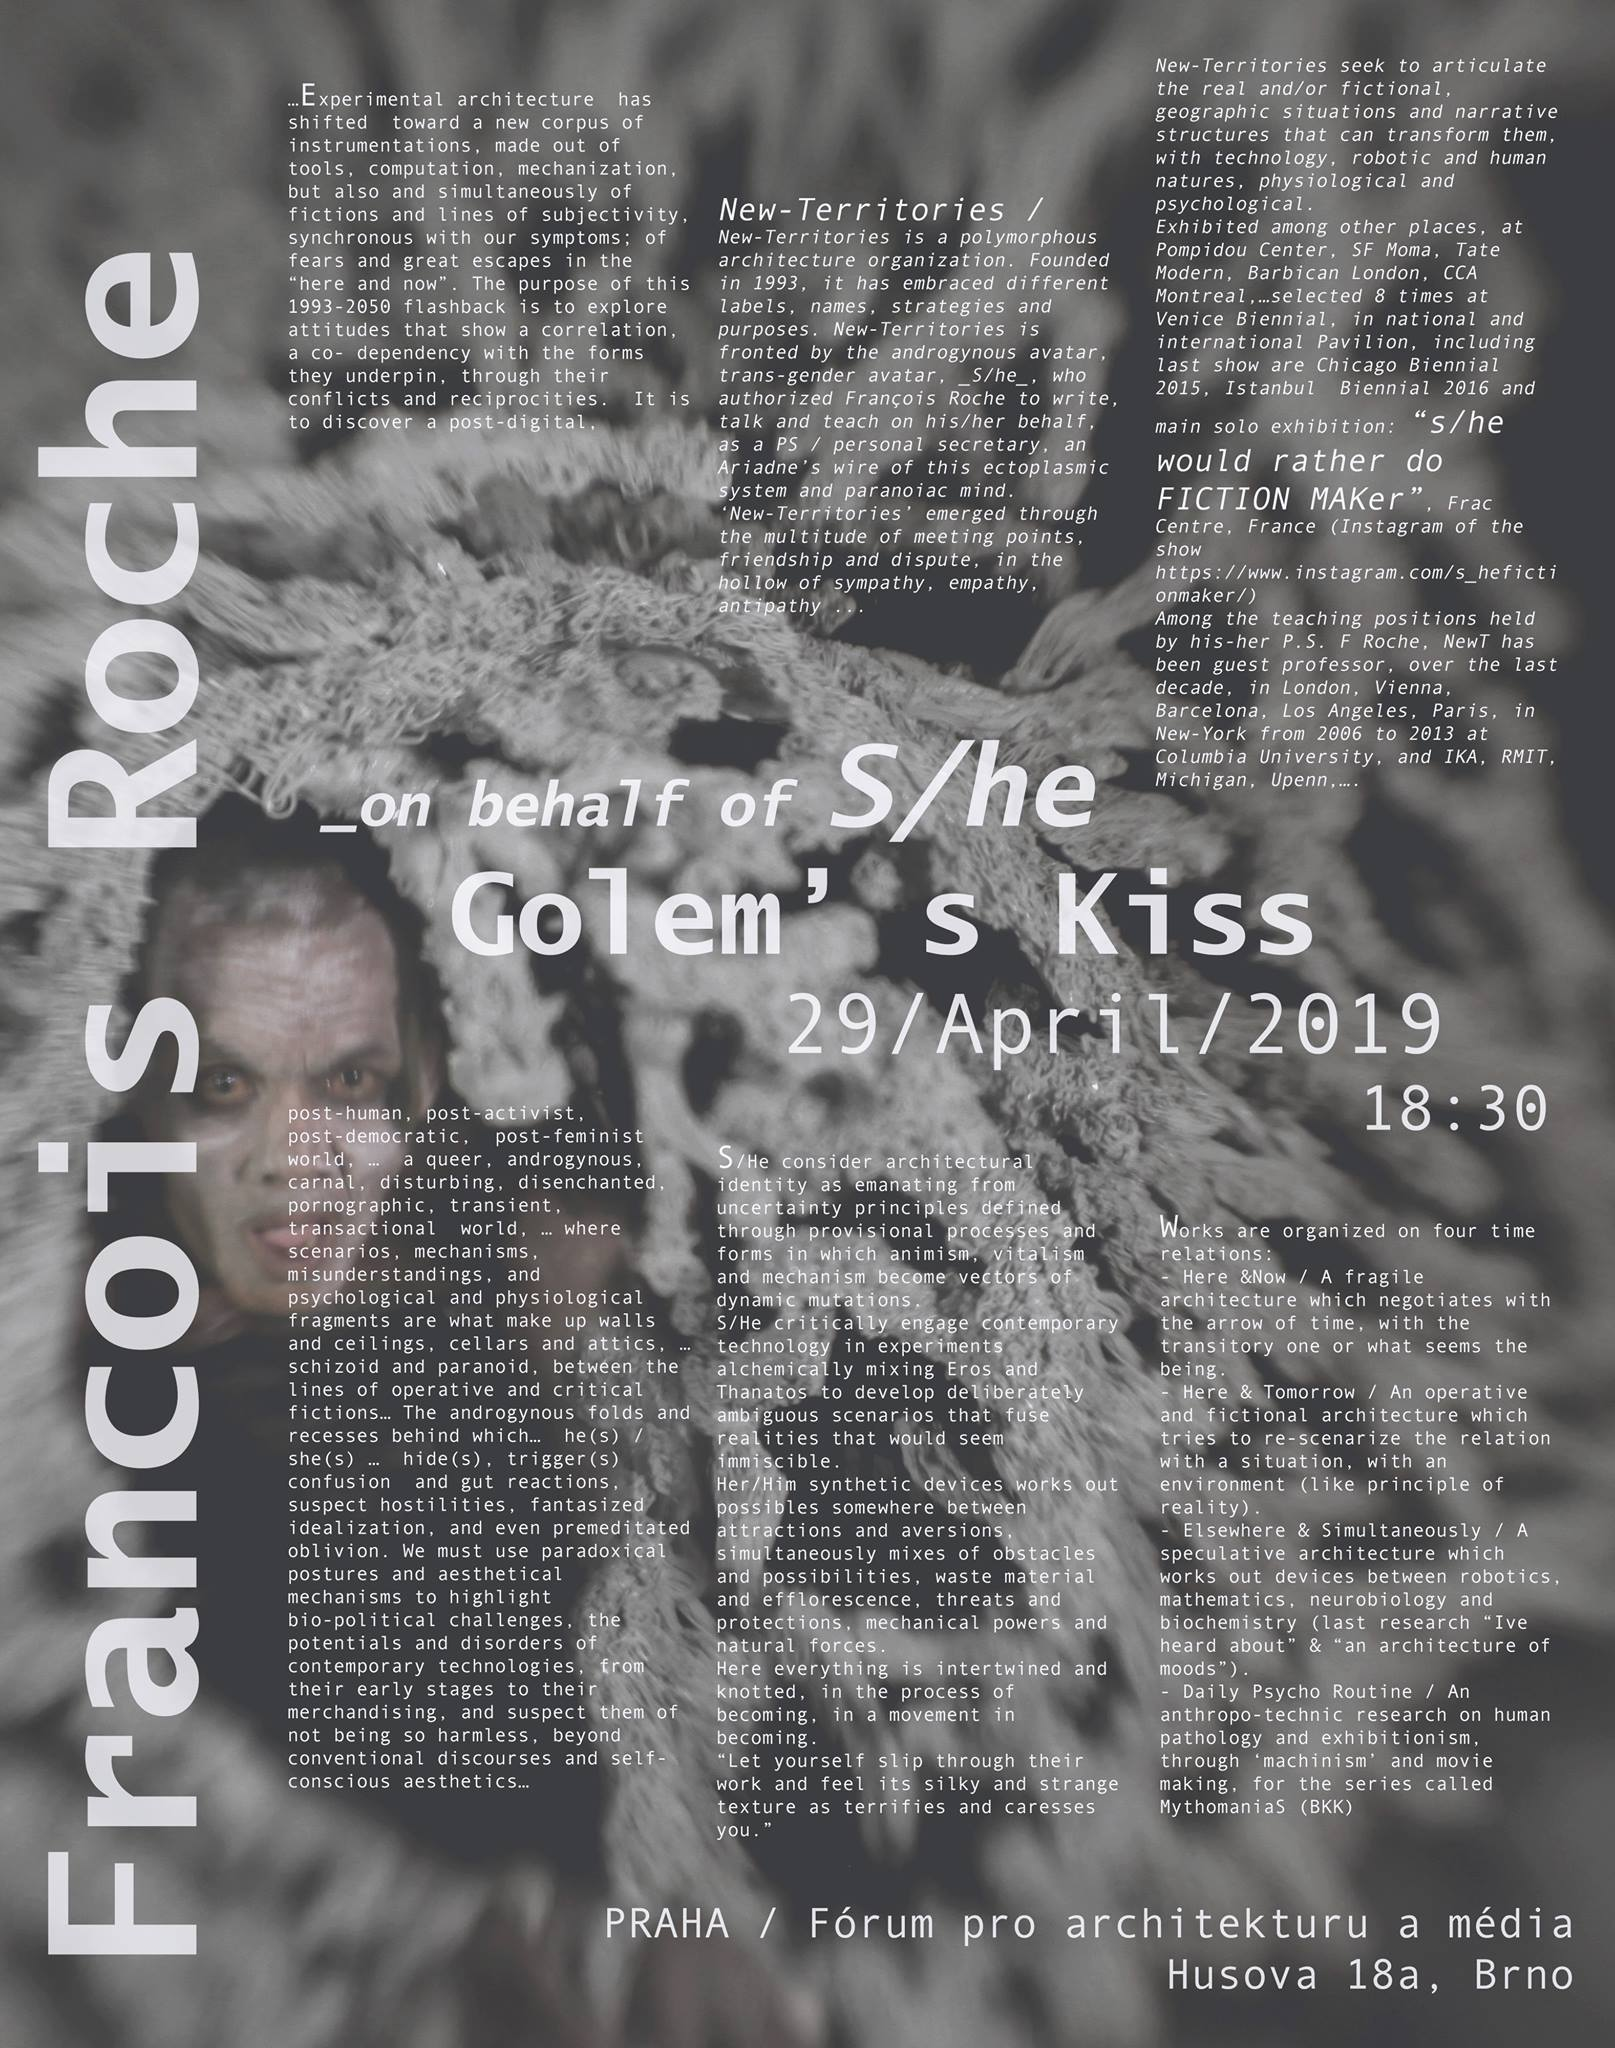 """PO / 29.4. / 18.30 / Francois Roche on behalf of S/he: """"Golem's Kiss"""" / přednáška, diskuse"""